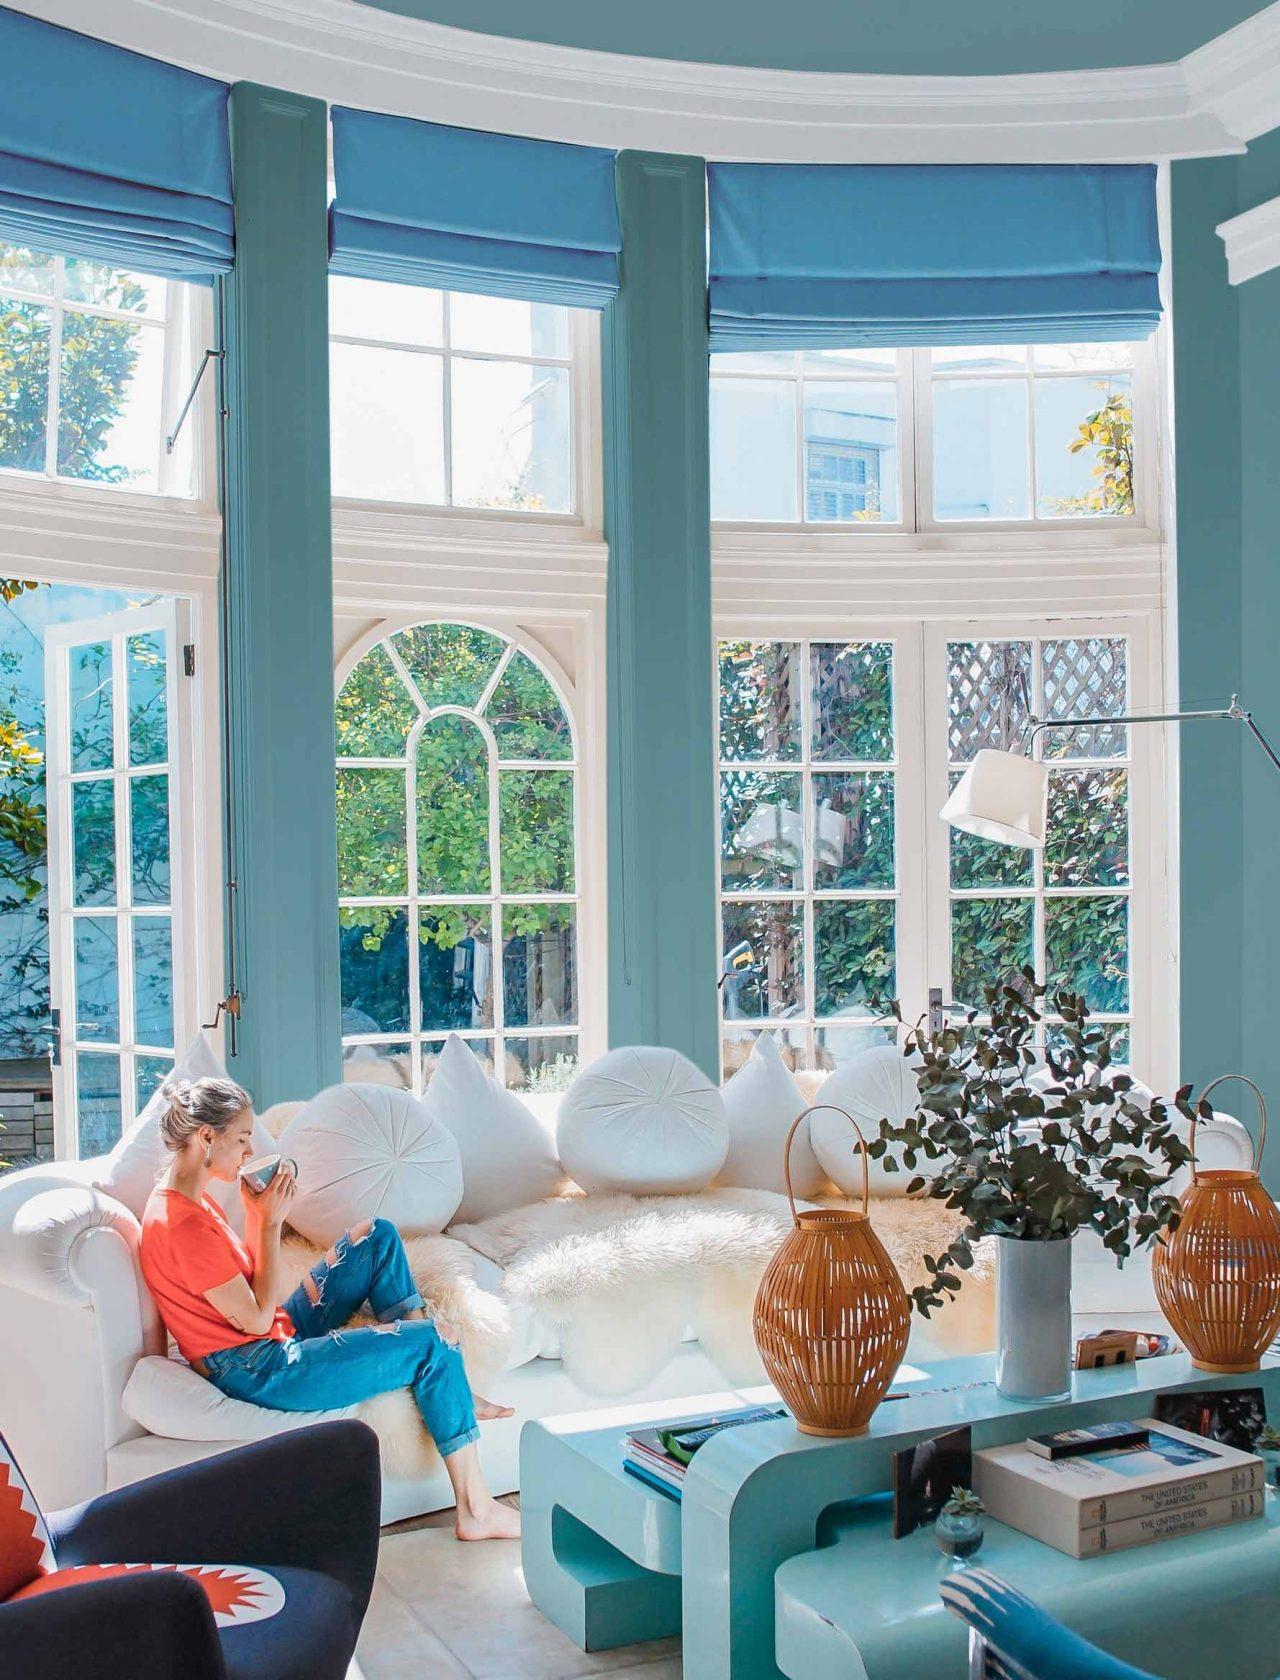 Frau mit Kaffeetasse sitzt entspannt auf einem Sofa, blaues Sideboard und Sessel